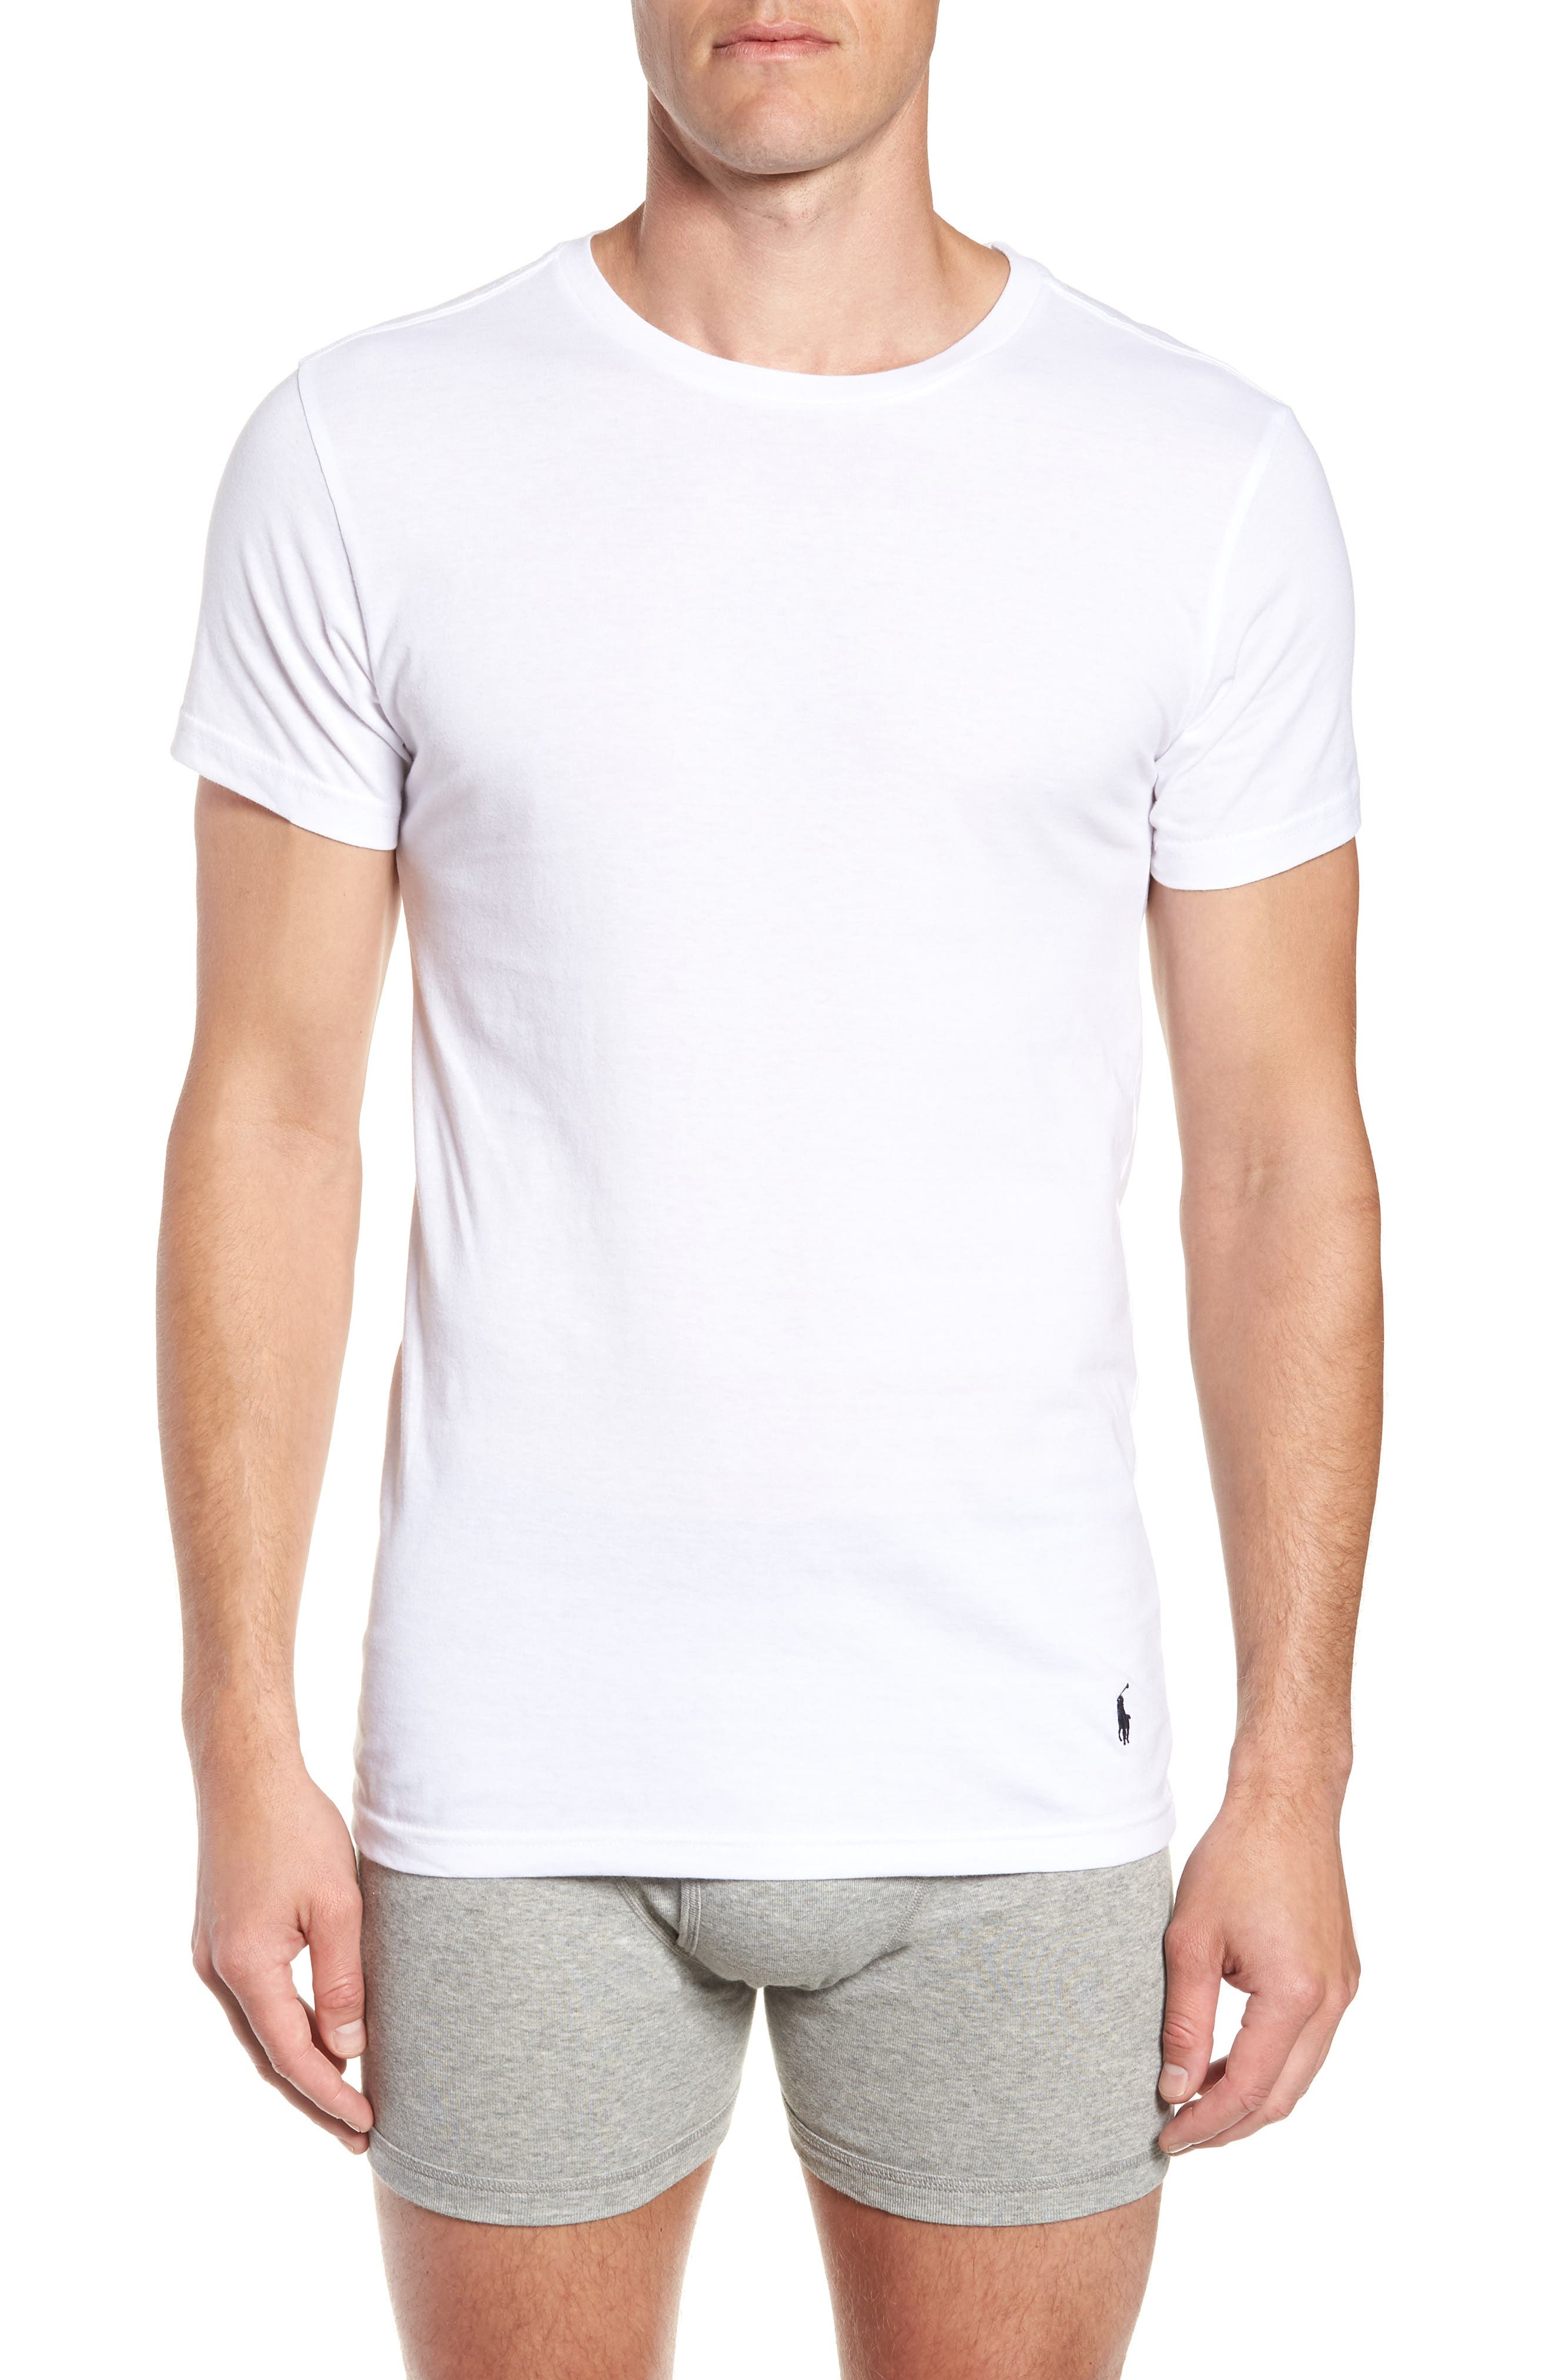 LAUREN RALPH LAUREN, Polo Ralph Lauren 3-Pack Slim Fit Crewneck T-Shirts, Alternate thumbnail 2, color, WHITE